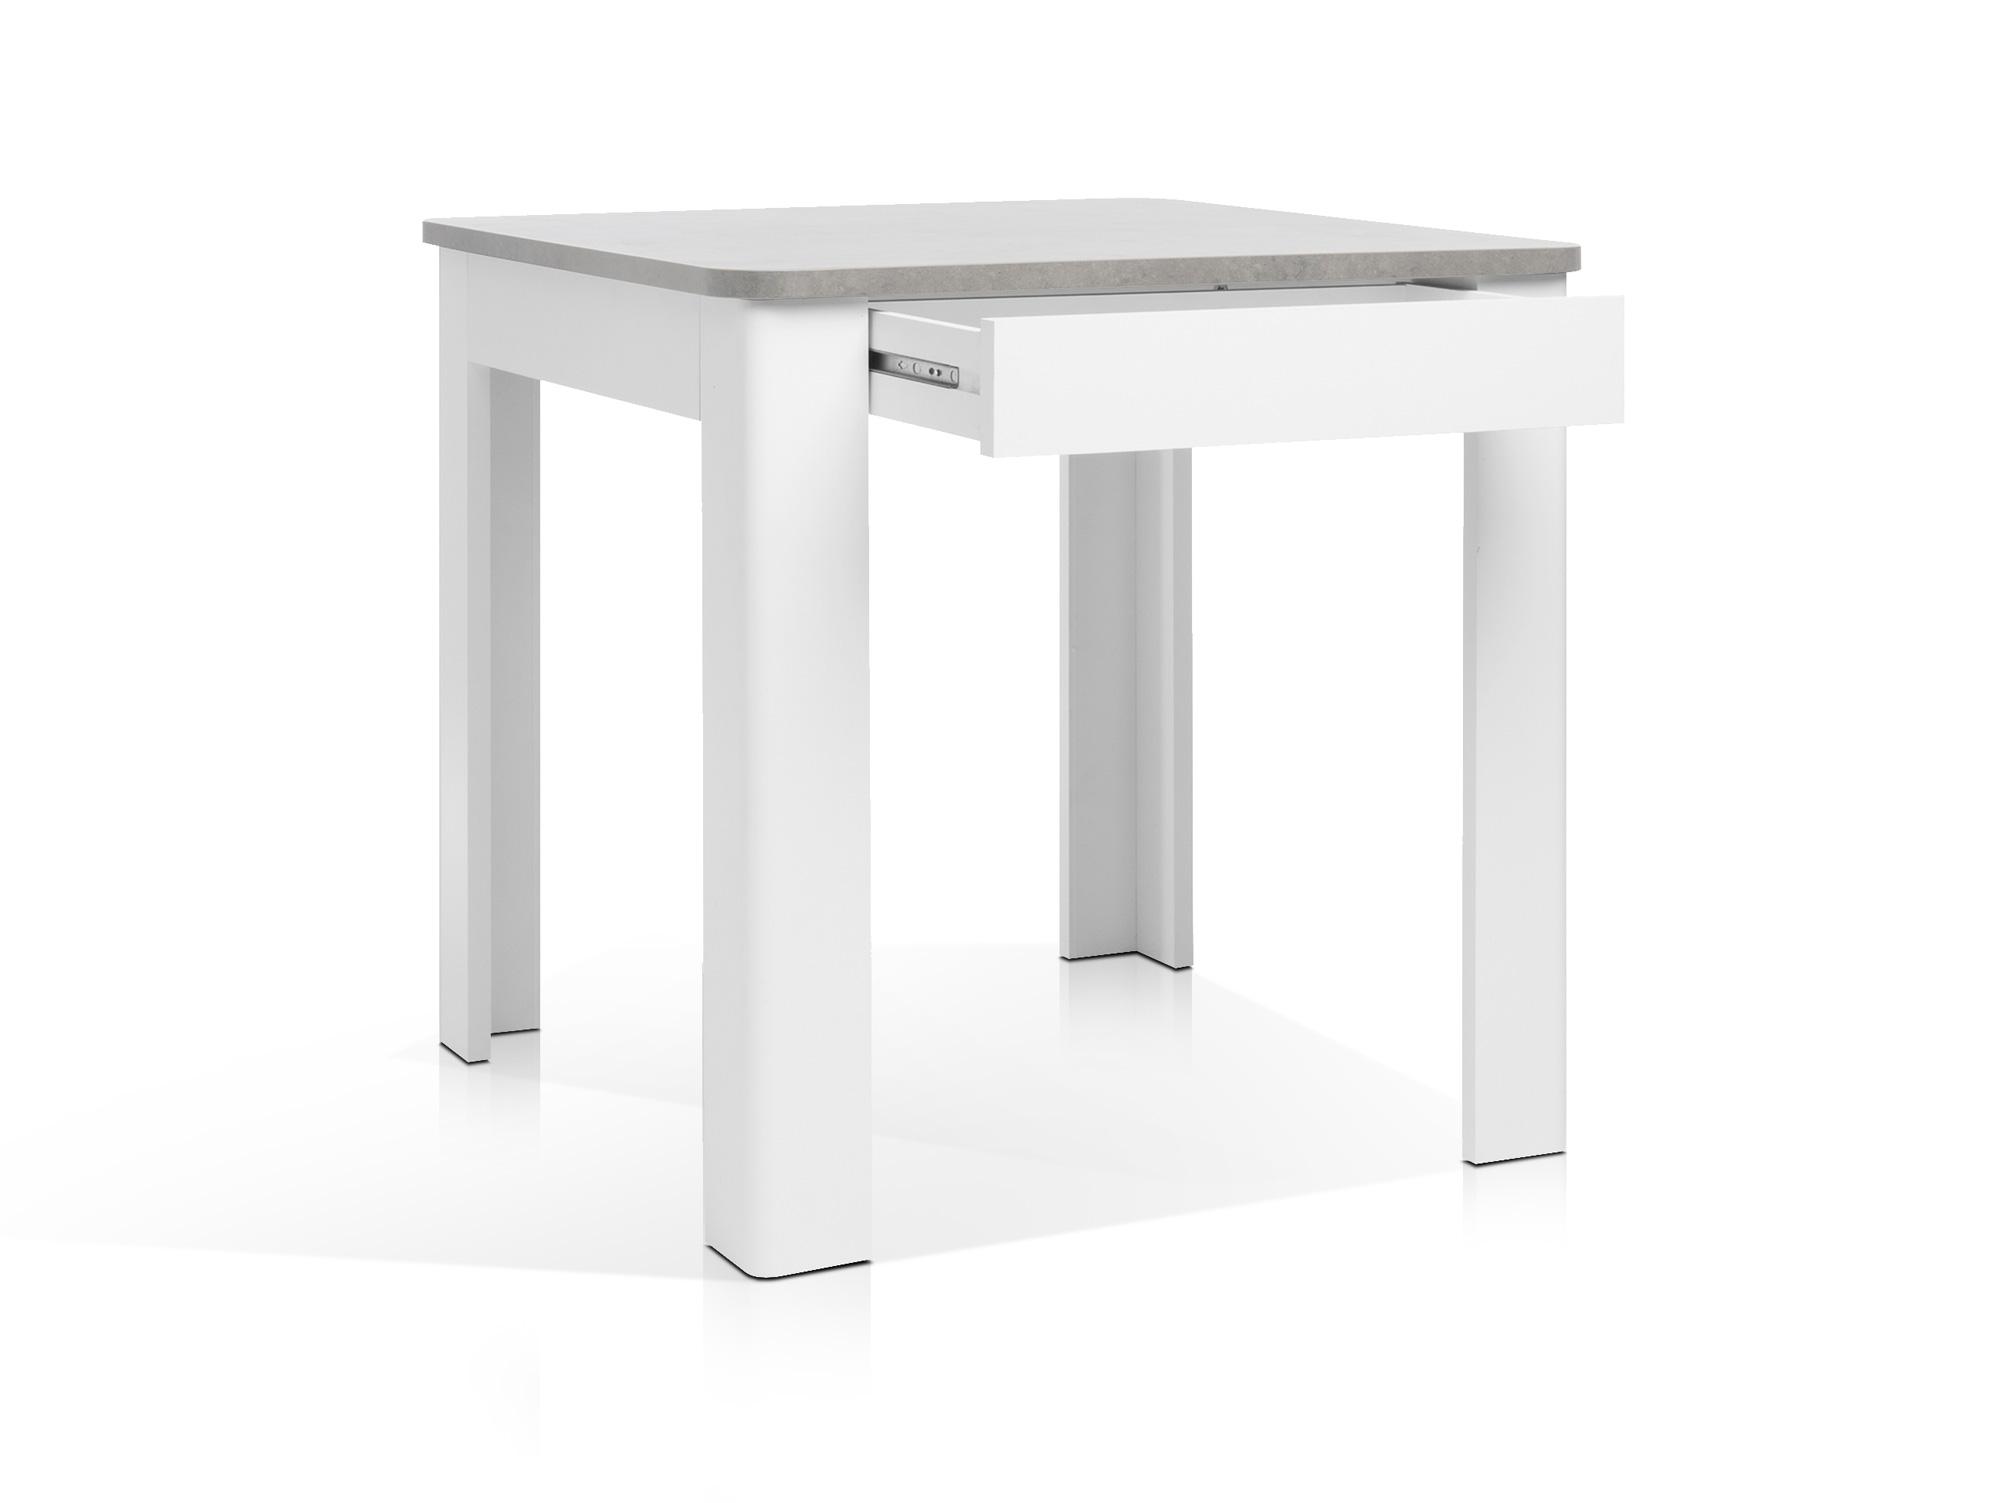 OSLO Esstisch mit Schubkasten weiß/Beton